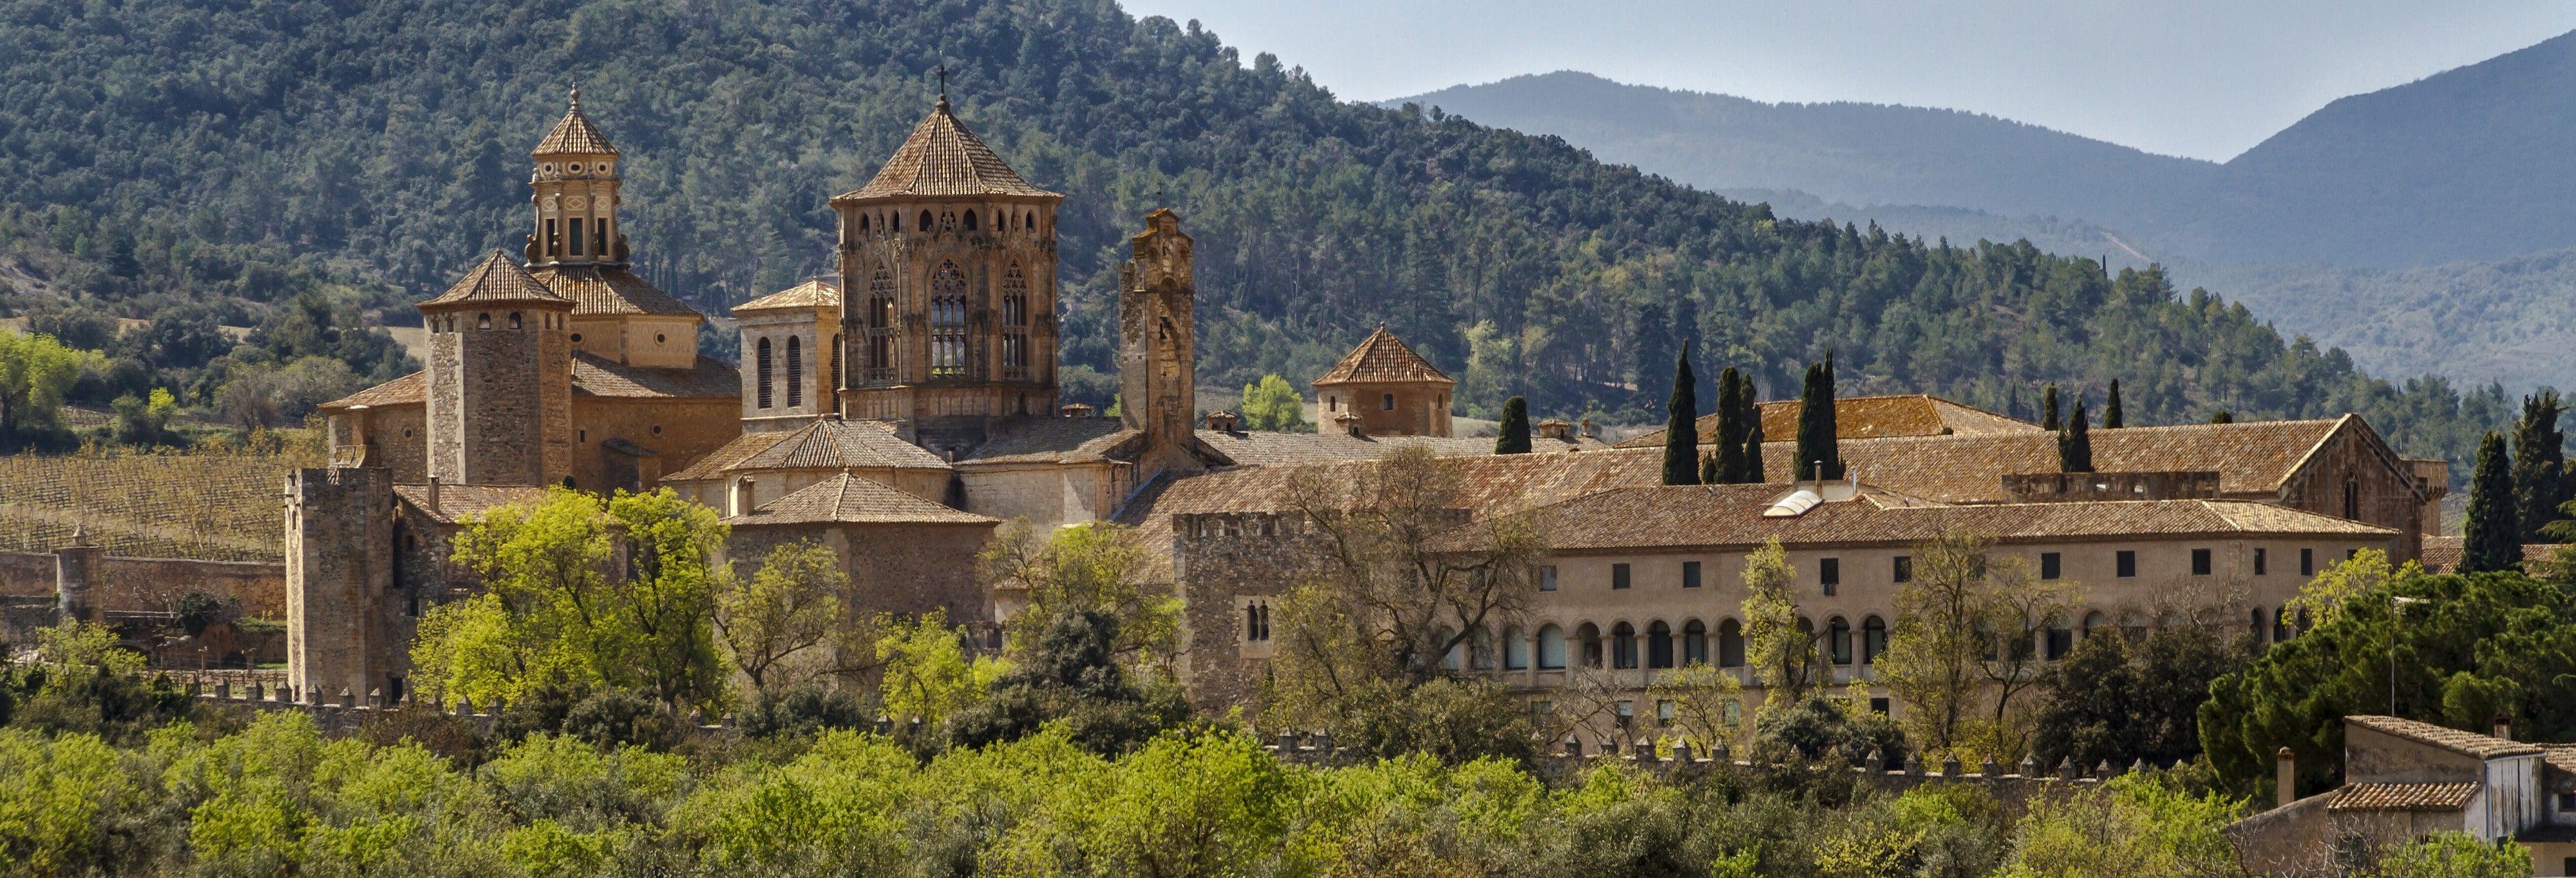 Escursione a Montblanc e al Monastero di Poblet